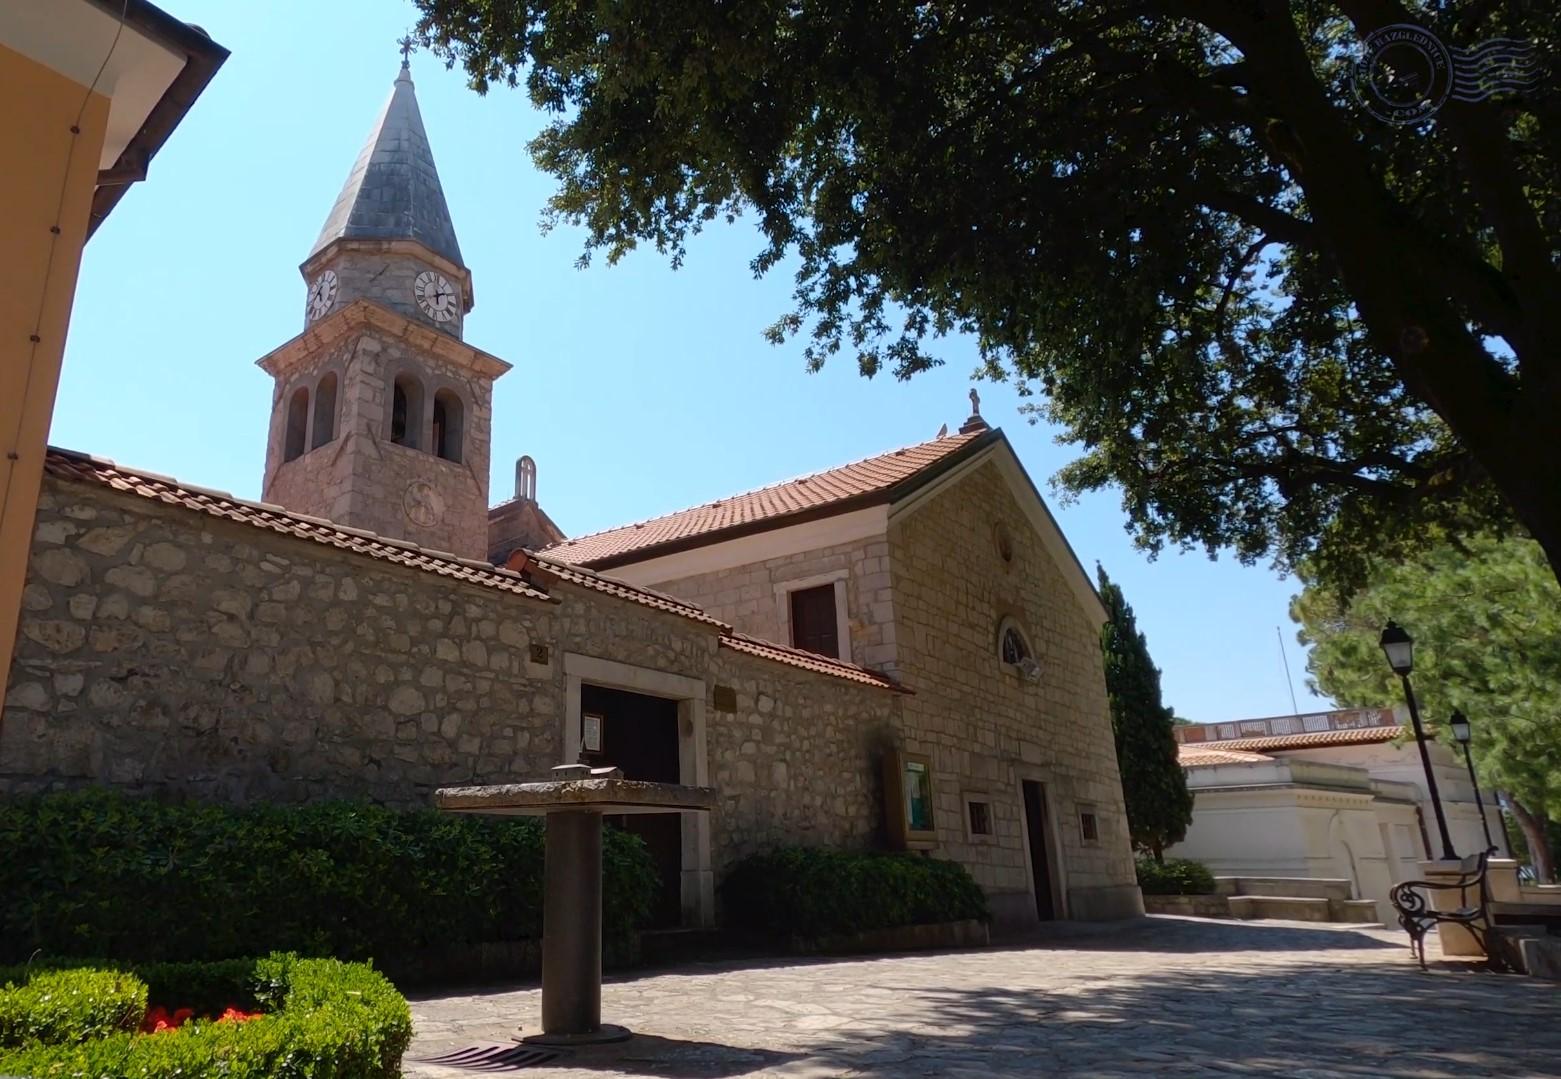 Crkva Marijina navještenja opatija